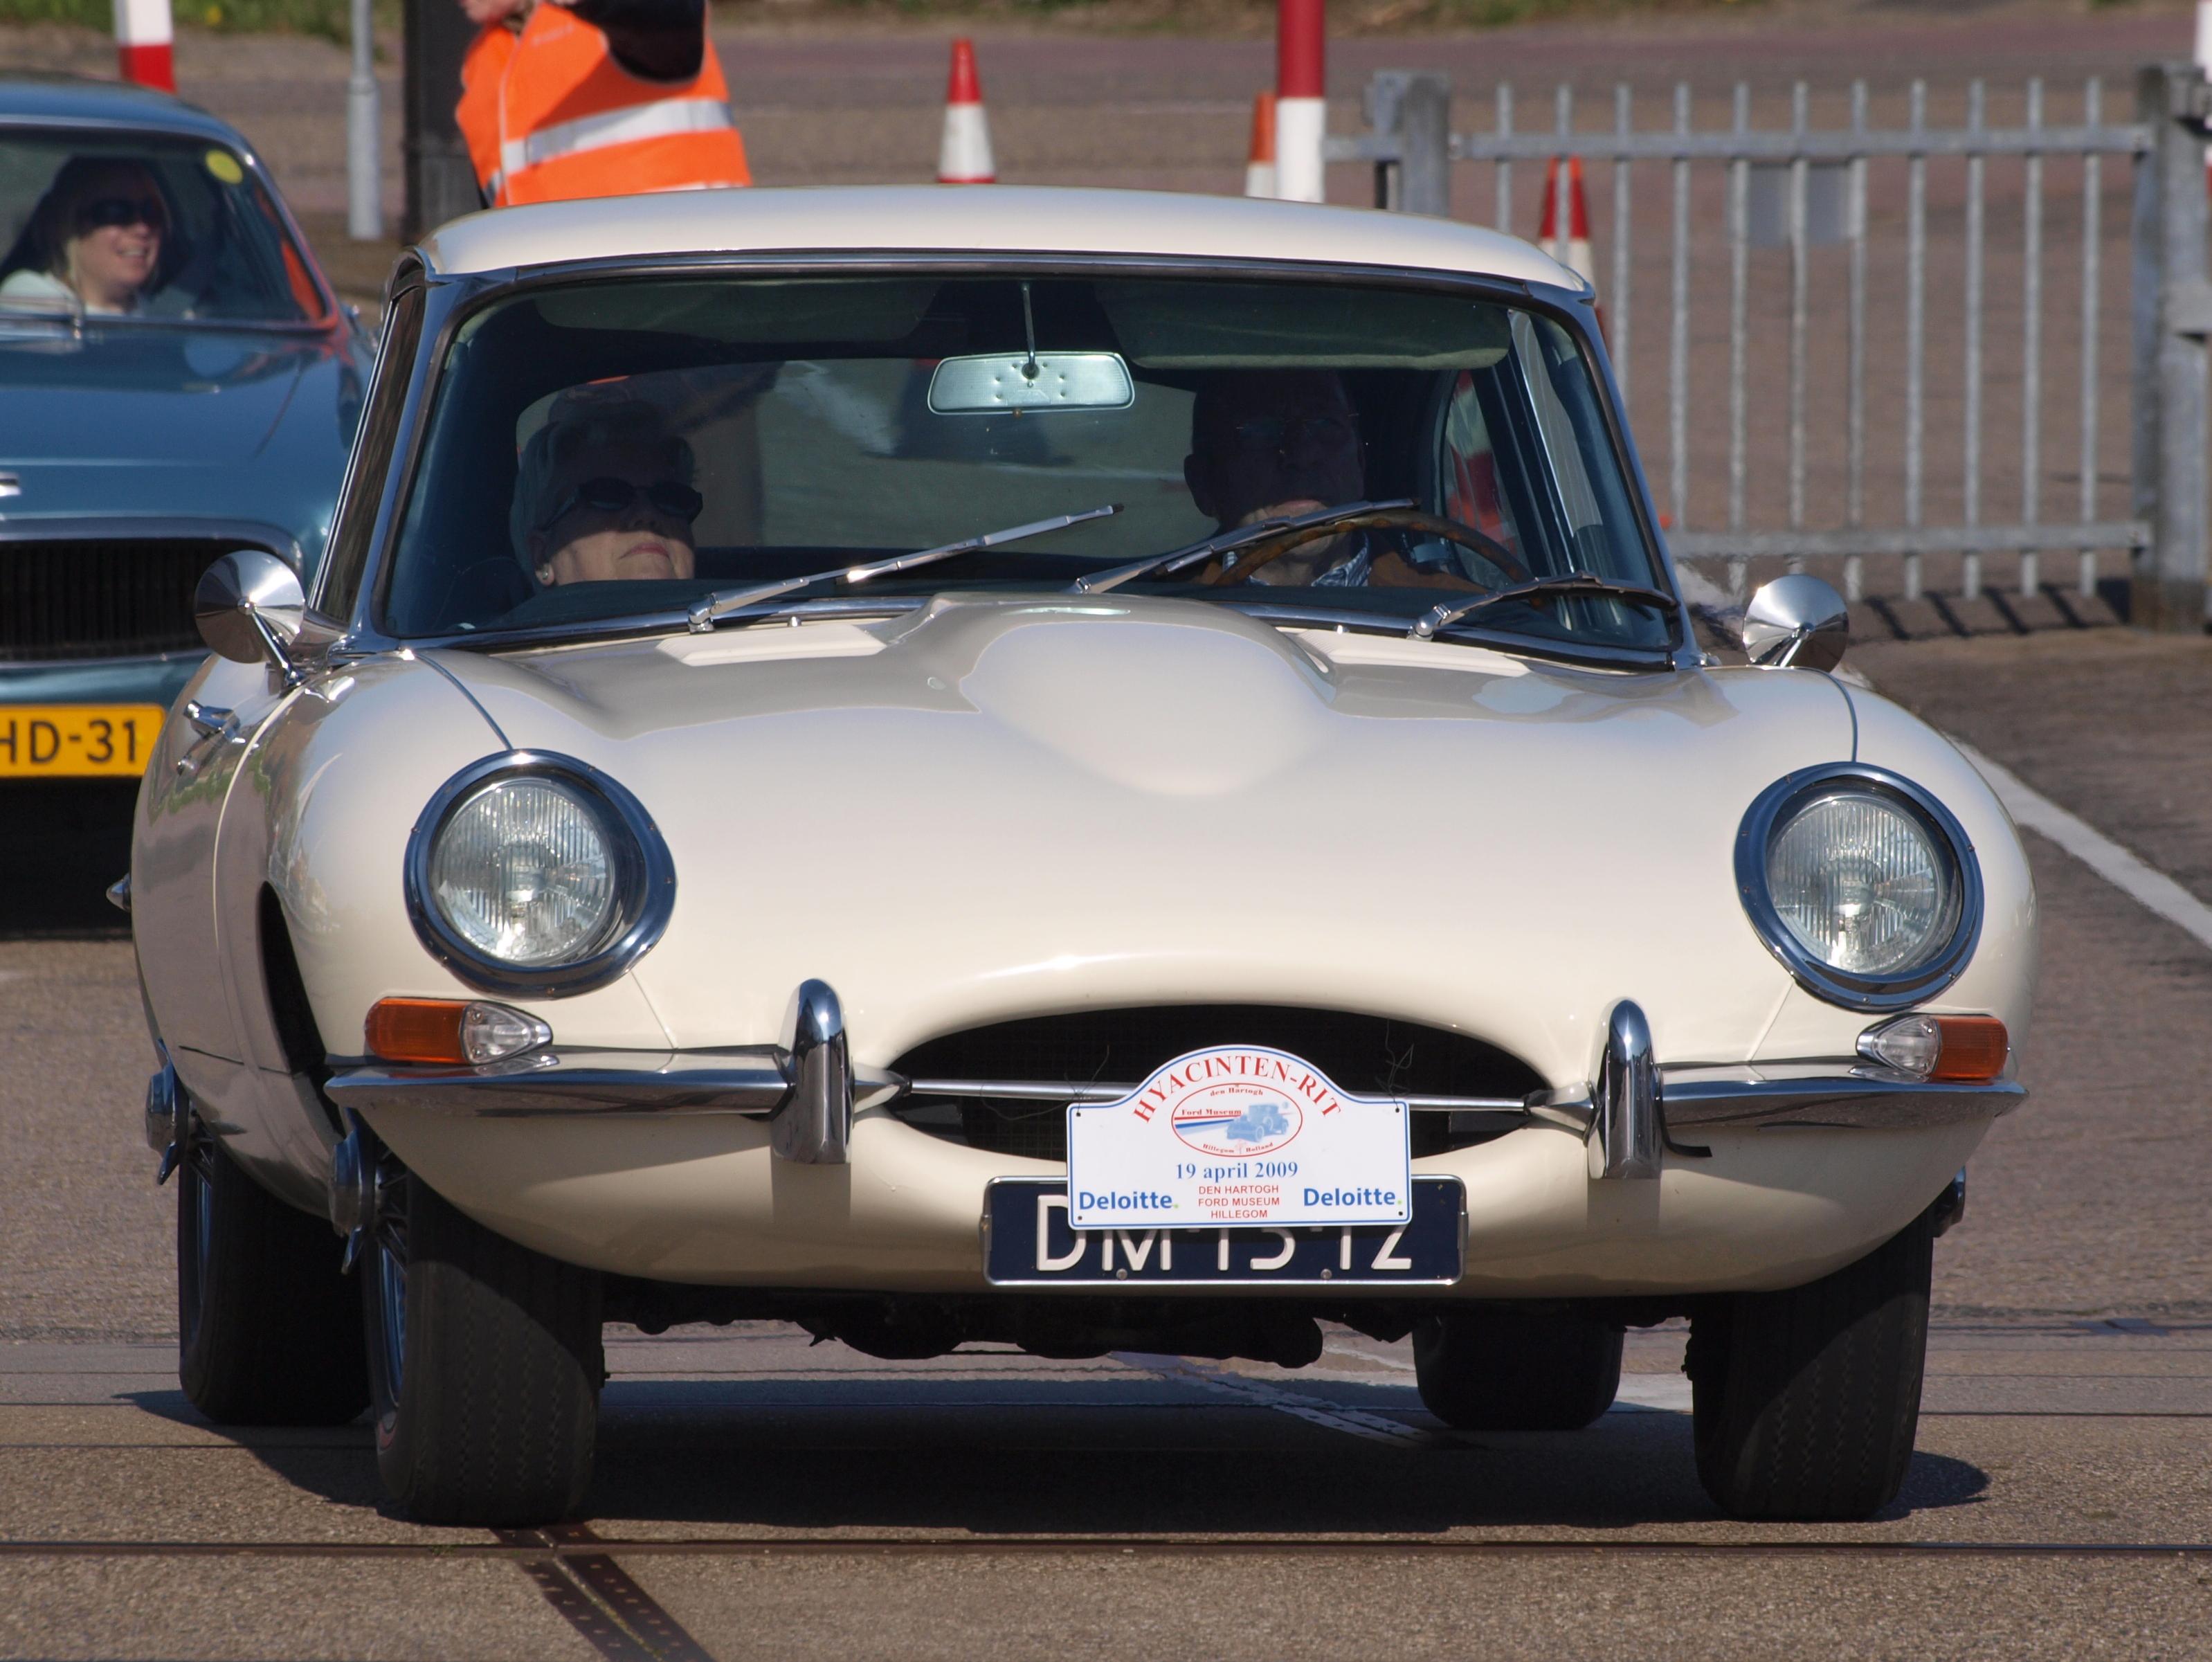 1967_Jaguar_E-TYPE_4%2C2_LITRE_2%2B2%2C_